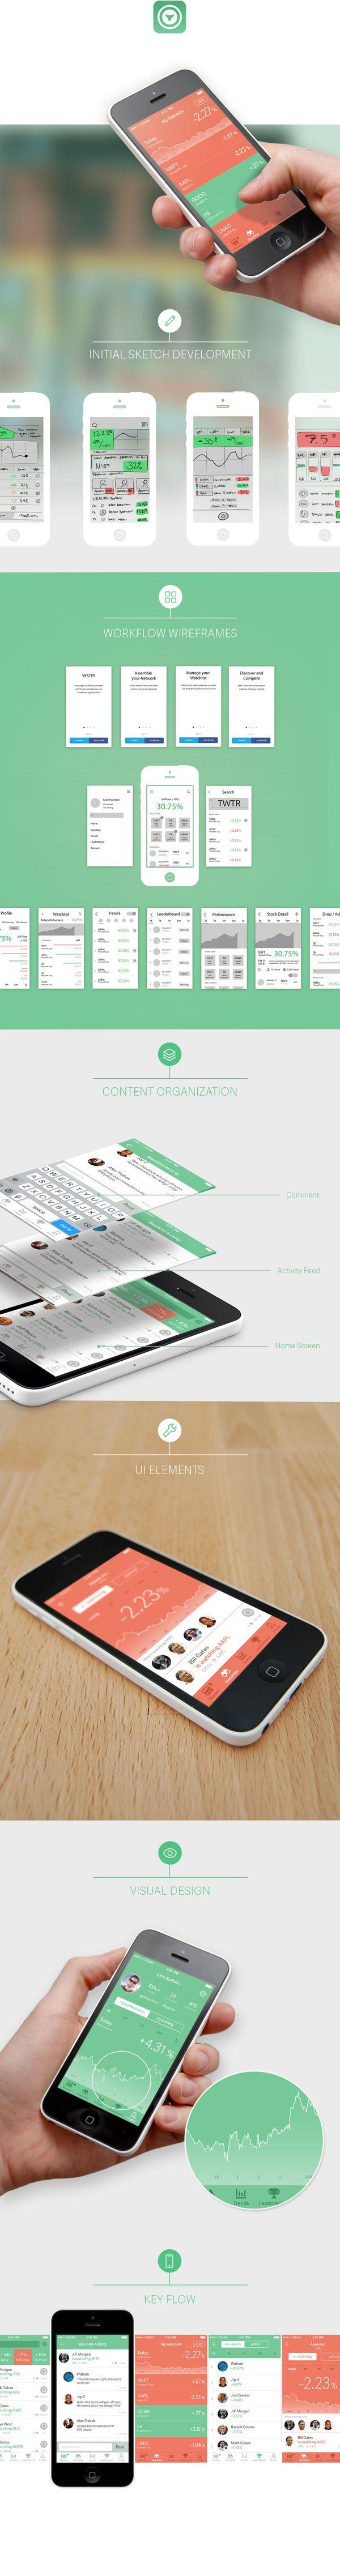 BullsEye Mobile App Design on Behance